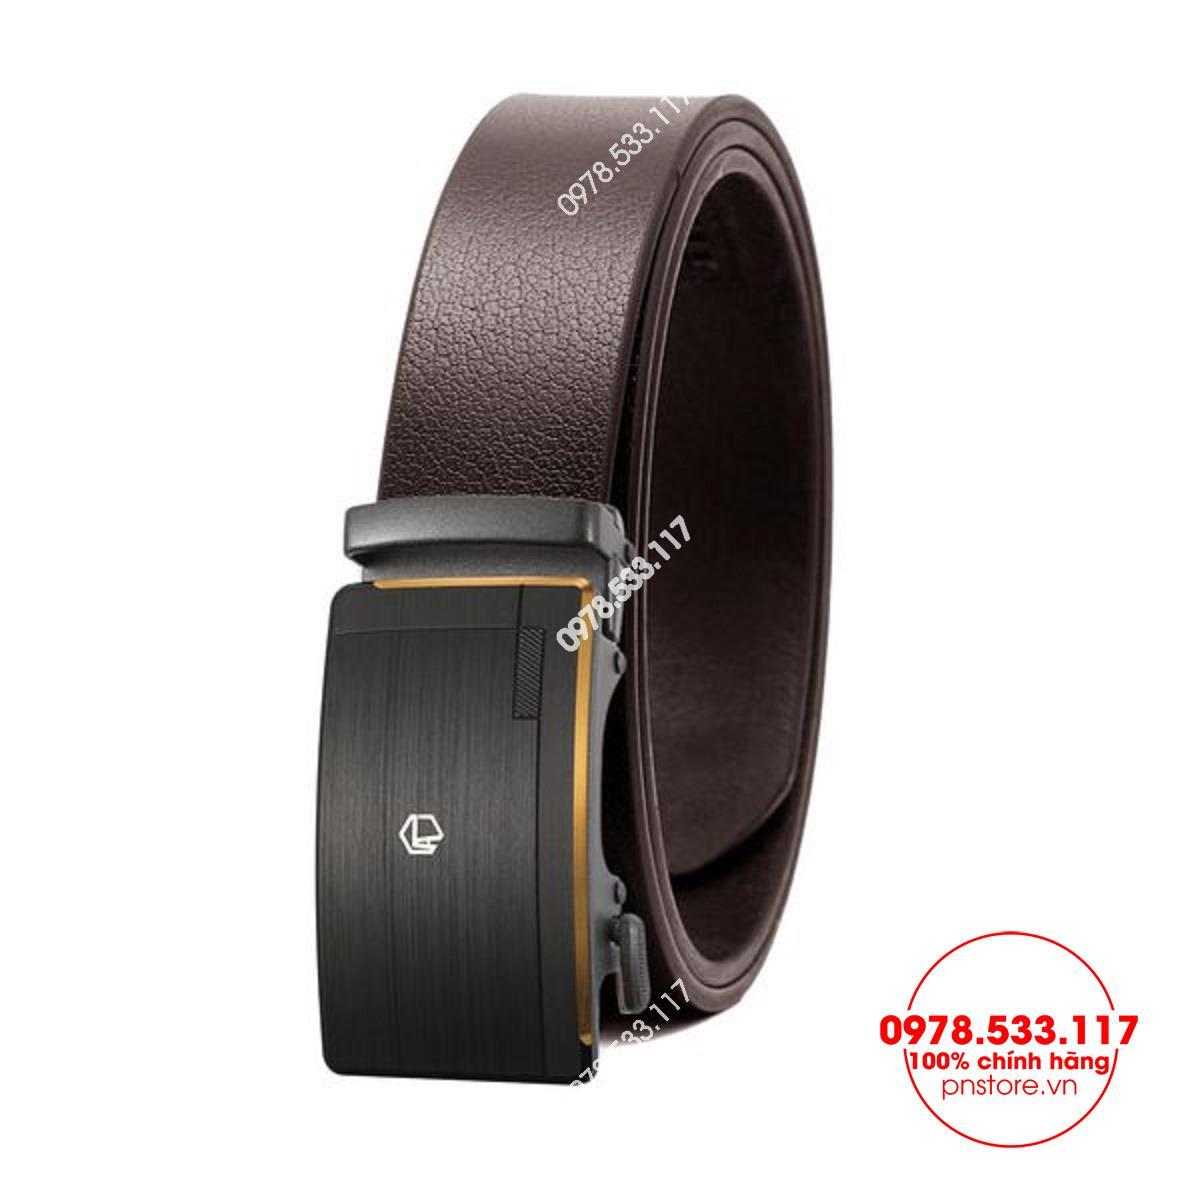 Thắt lưng nam da bò nguyên miếng đầu hợp kim khóa tự động (3.5cm) - PNM416